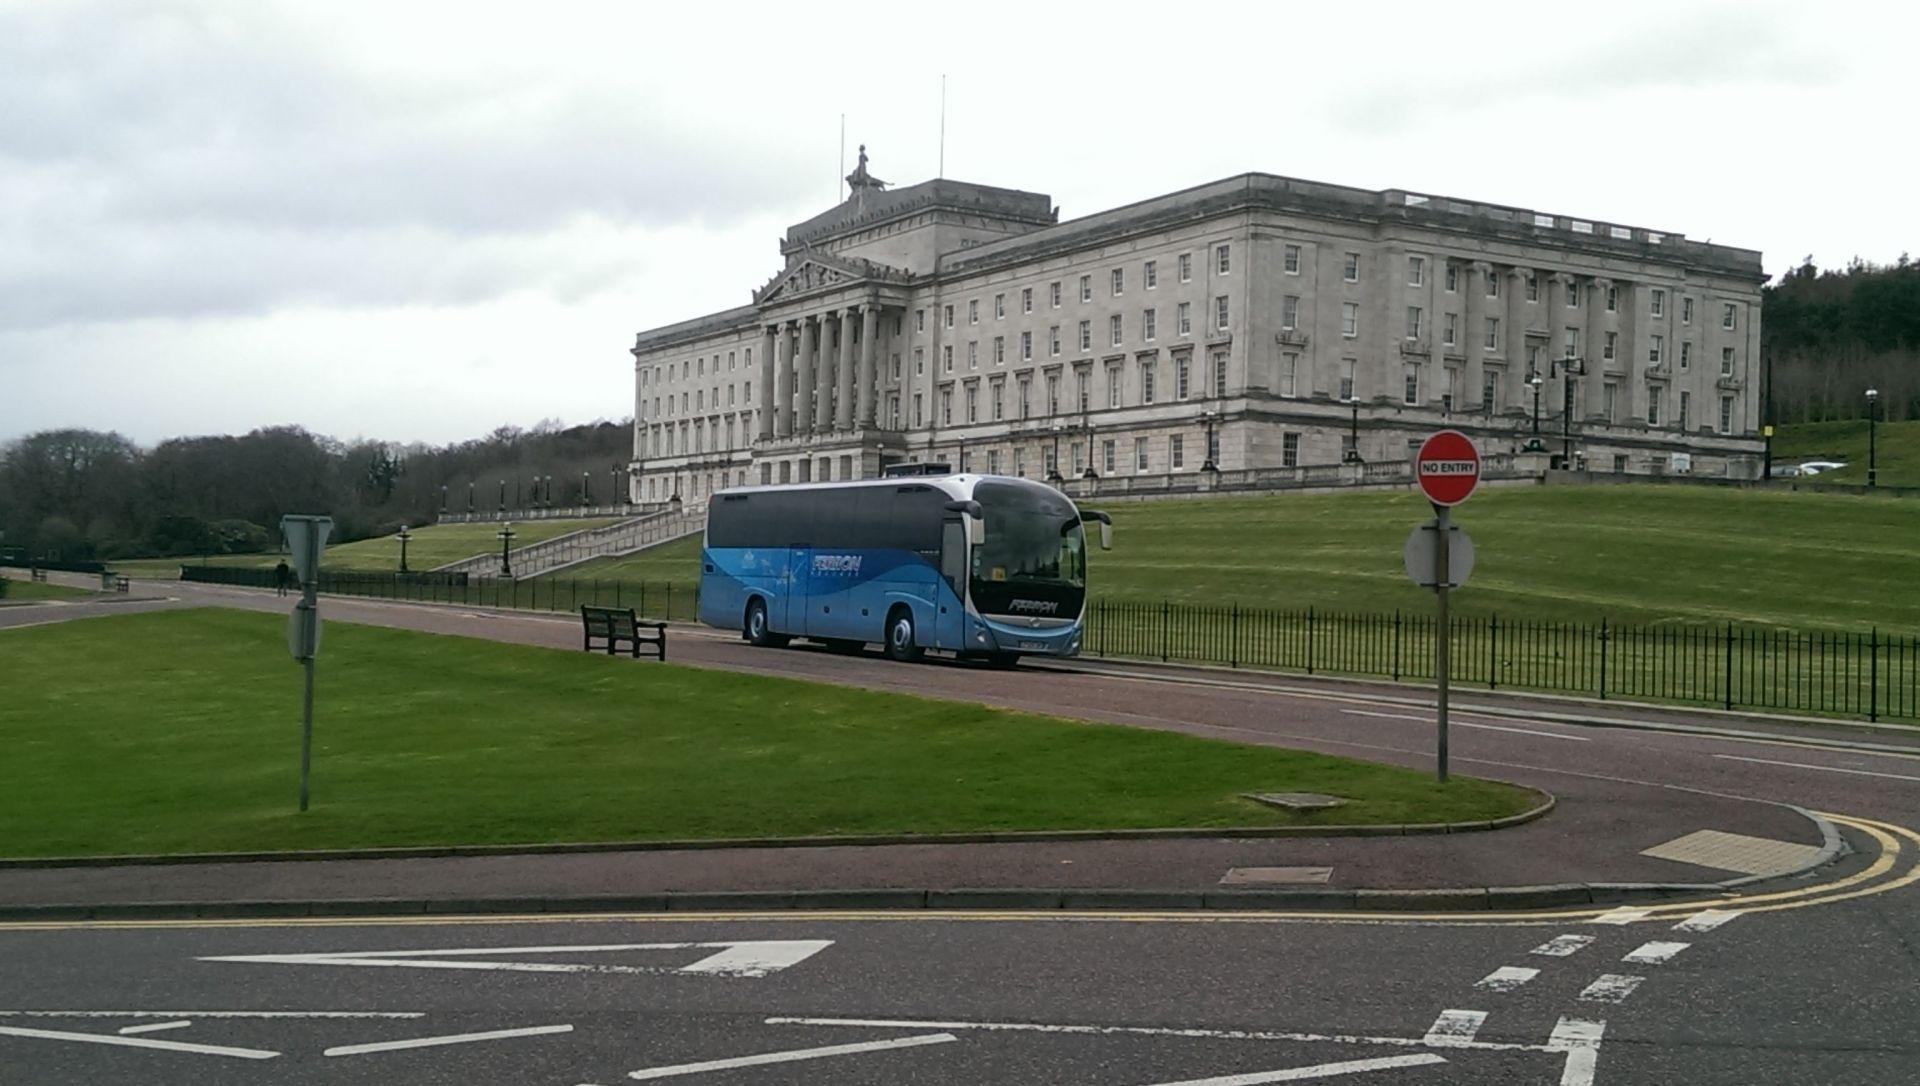 IRLANDE - Parlement Belfast